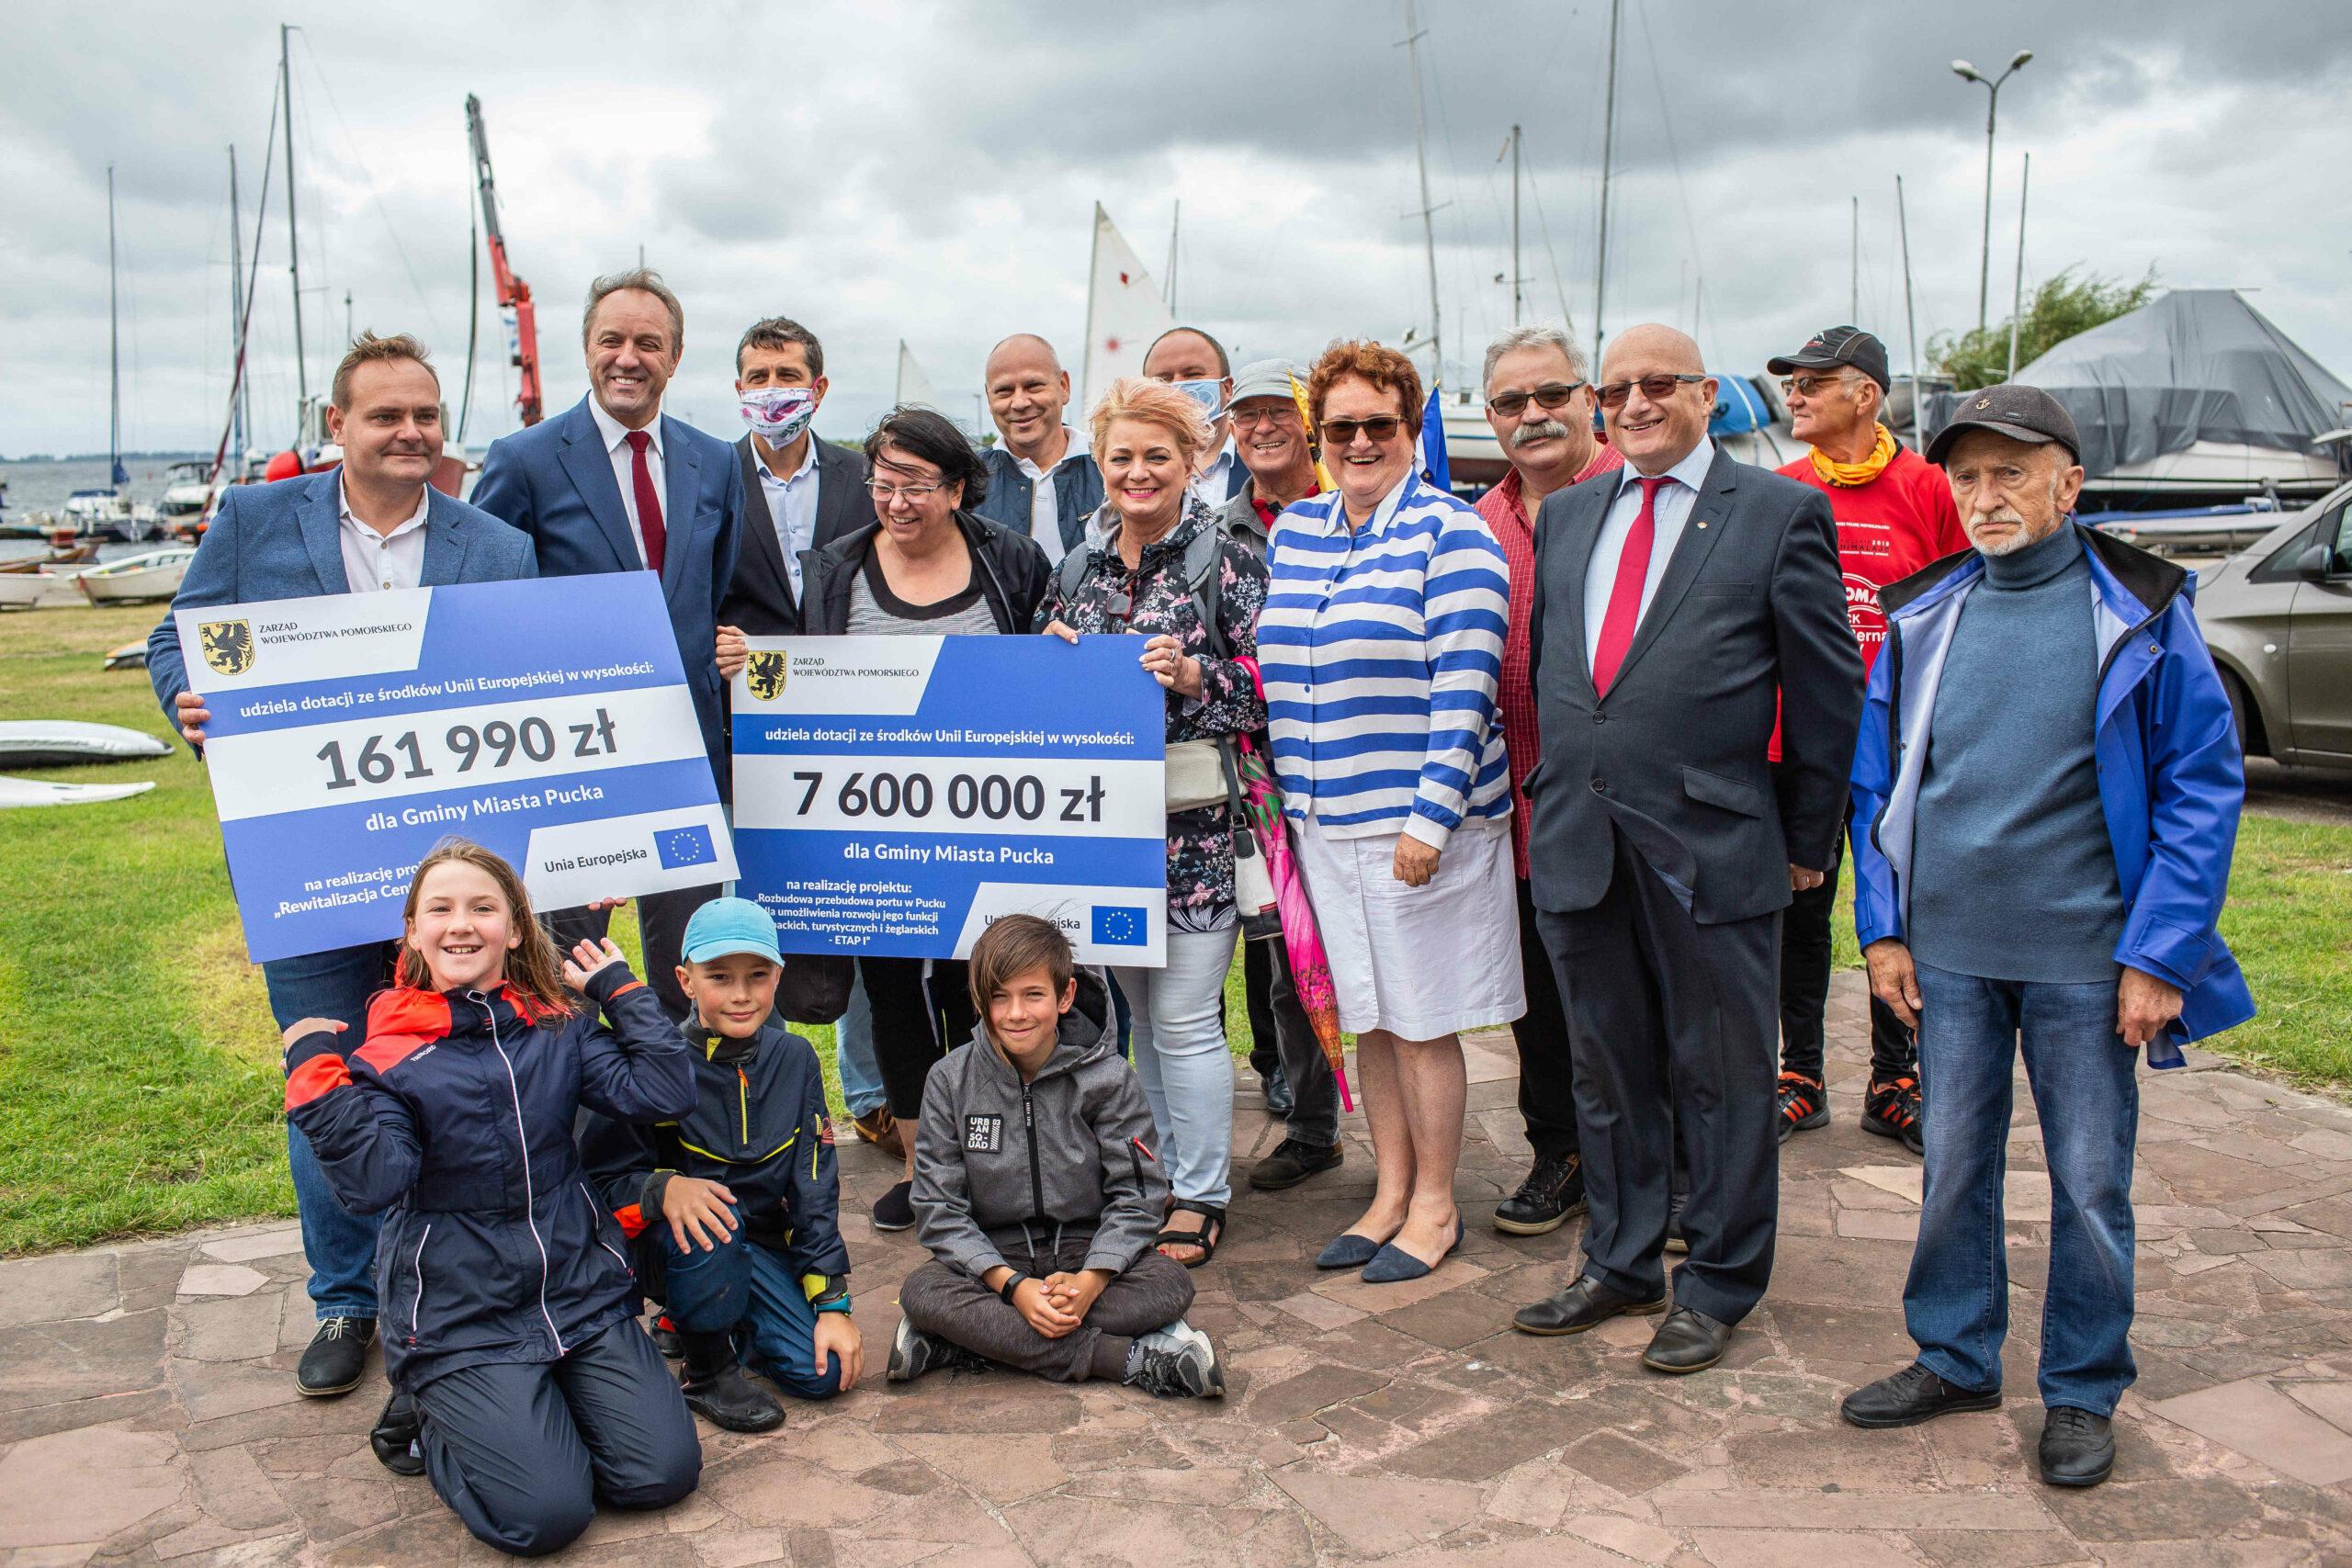 Prawie 7,8 mln zł dodatkowego unijnego wsparcia dla Pucka